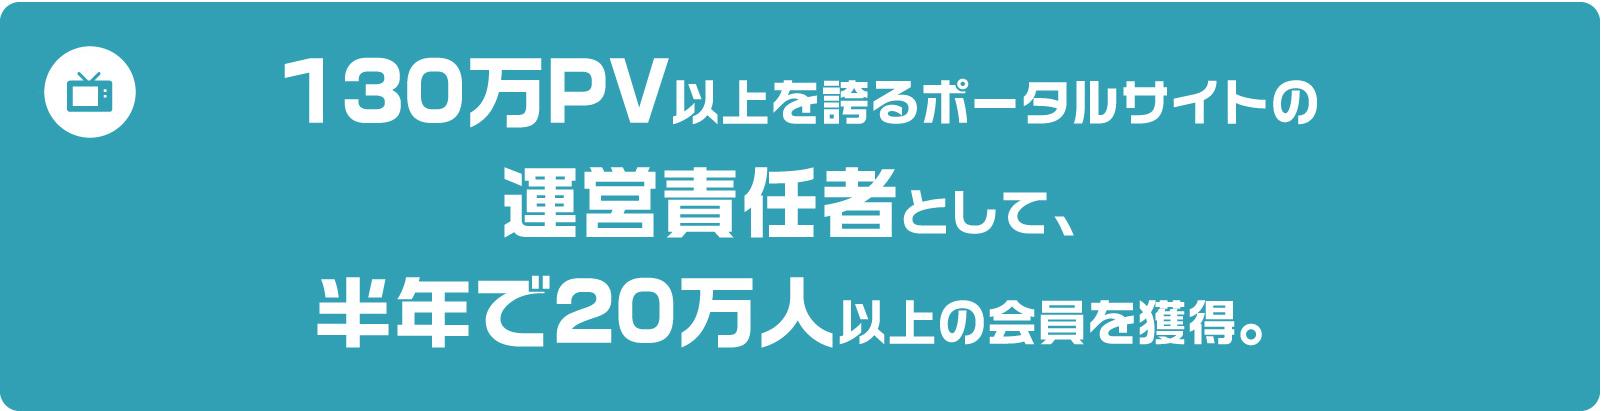 130万PV以上を誇るポータルサイトの運営責任として、半年で20万人以上の会員を獲得